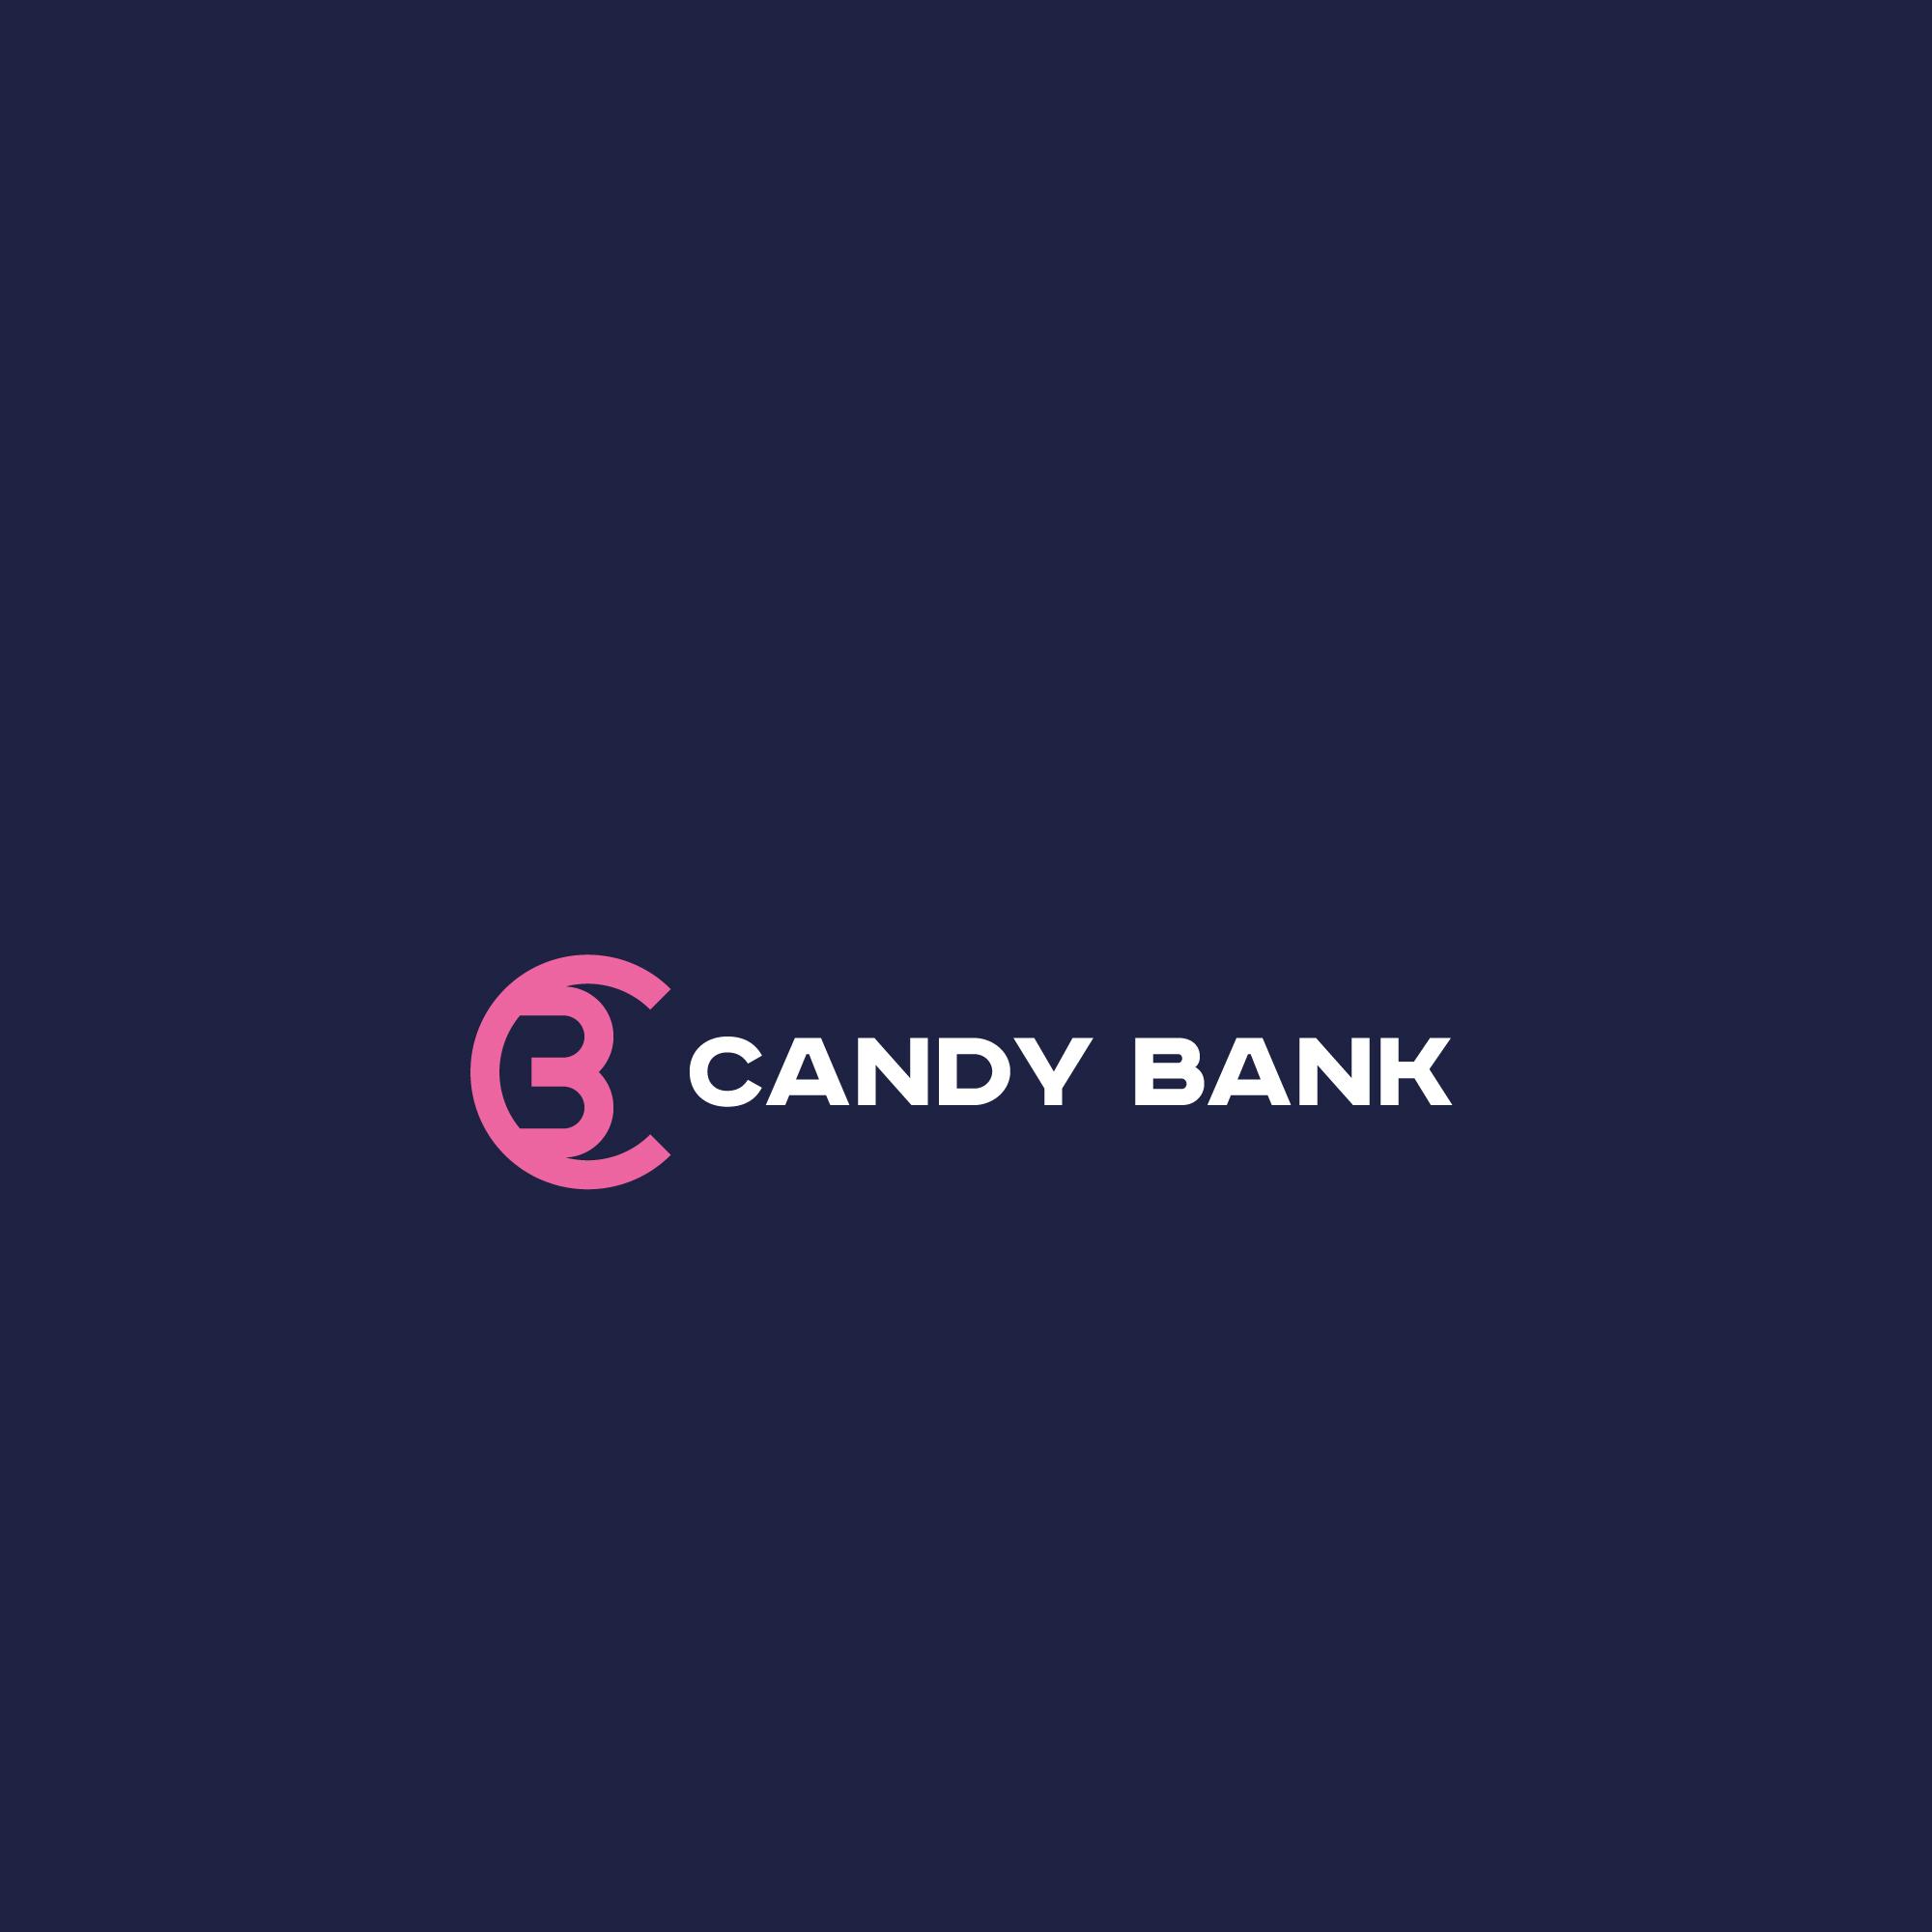 Логотип для международного банка фото f_3775d6d0f23e5ec0.jpg